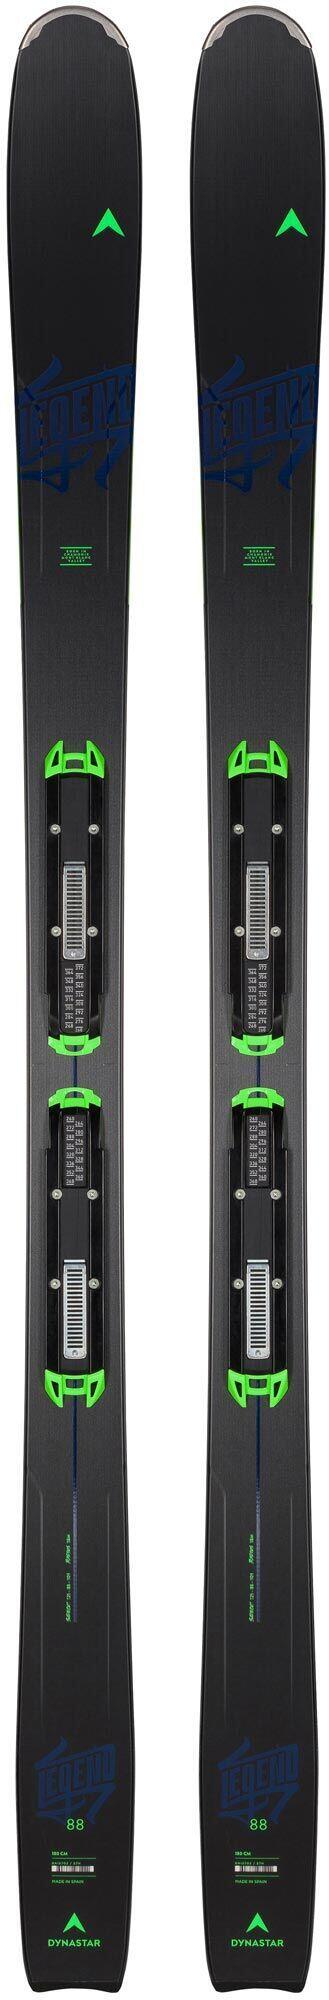 Dynastar Legend 88 Ski + SPX 12 GW Binding A